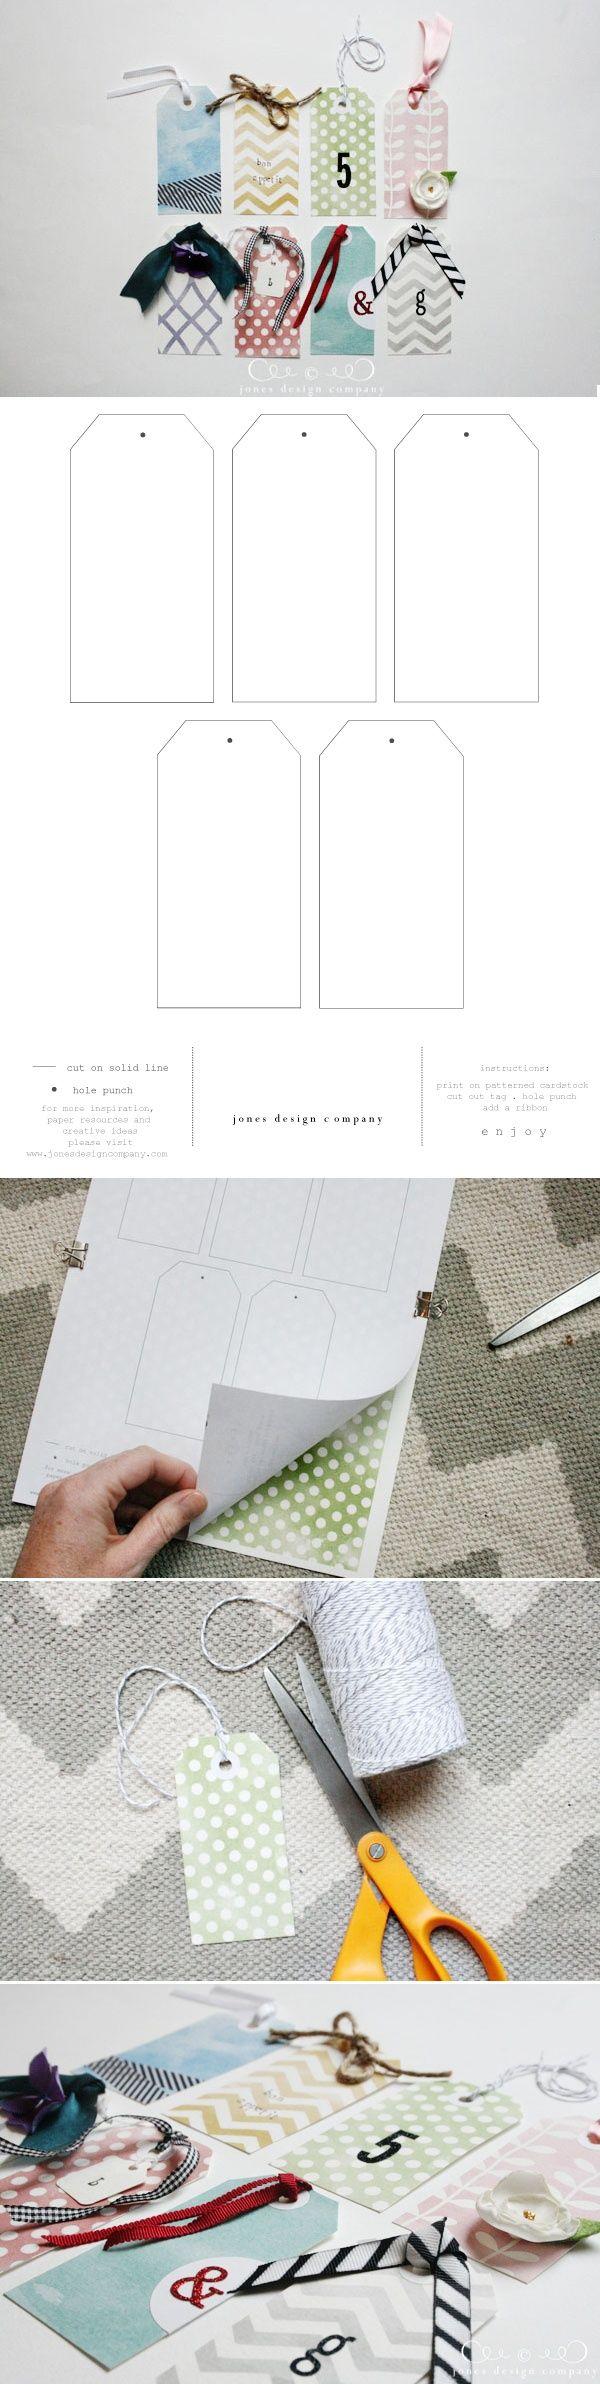 Price tag template free printable blank price tag template free - Embellished Gift Tags Free Printable Plain Tag Template Via Designeditor